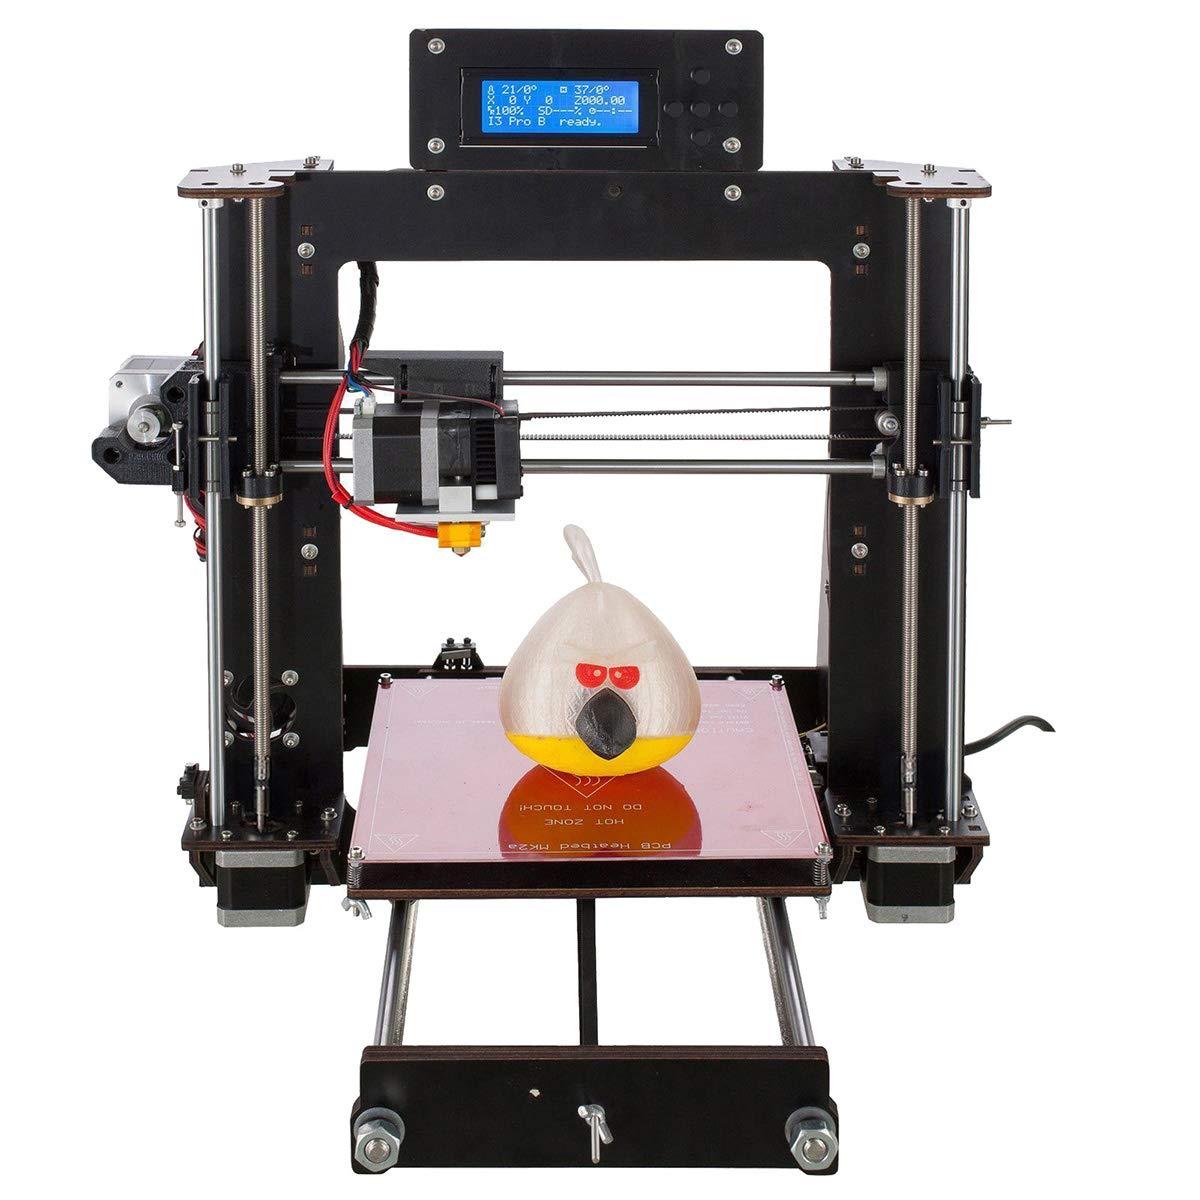 Imprimante 3D Prusa i3 MK8 Extruder Kit De Mise à Niveau De l'imprimante 3D Filament d'imprimante ABS/PLA 1.75 mm DEKOTA